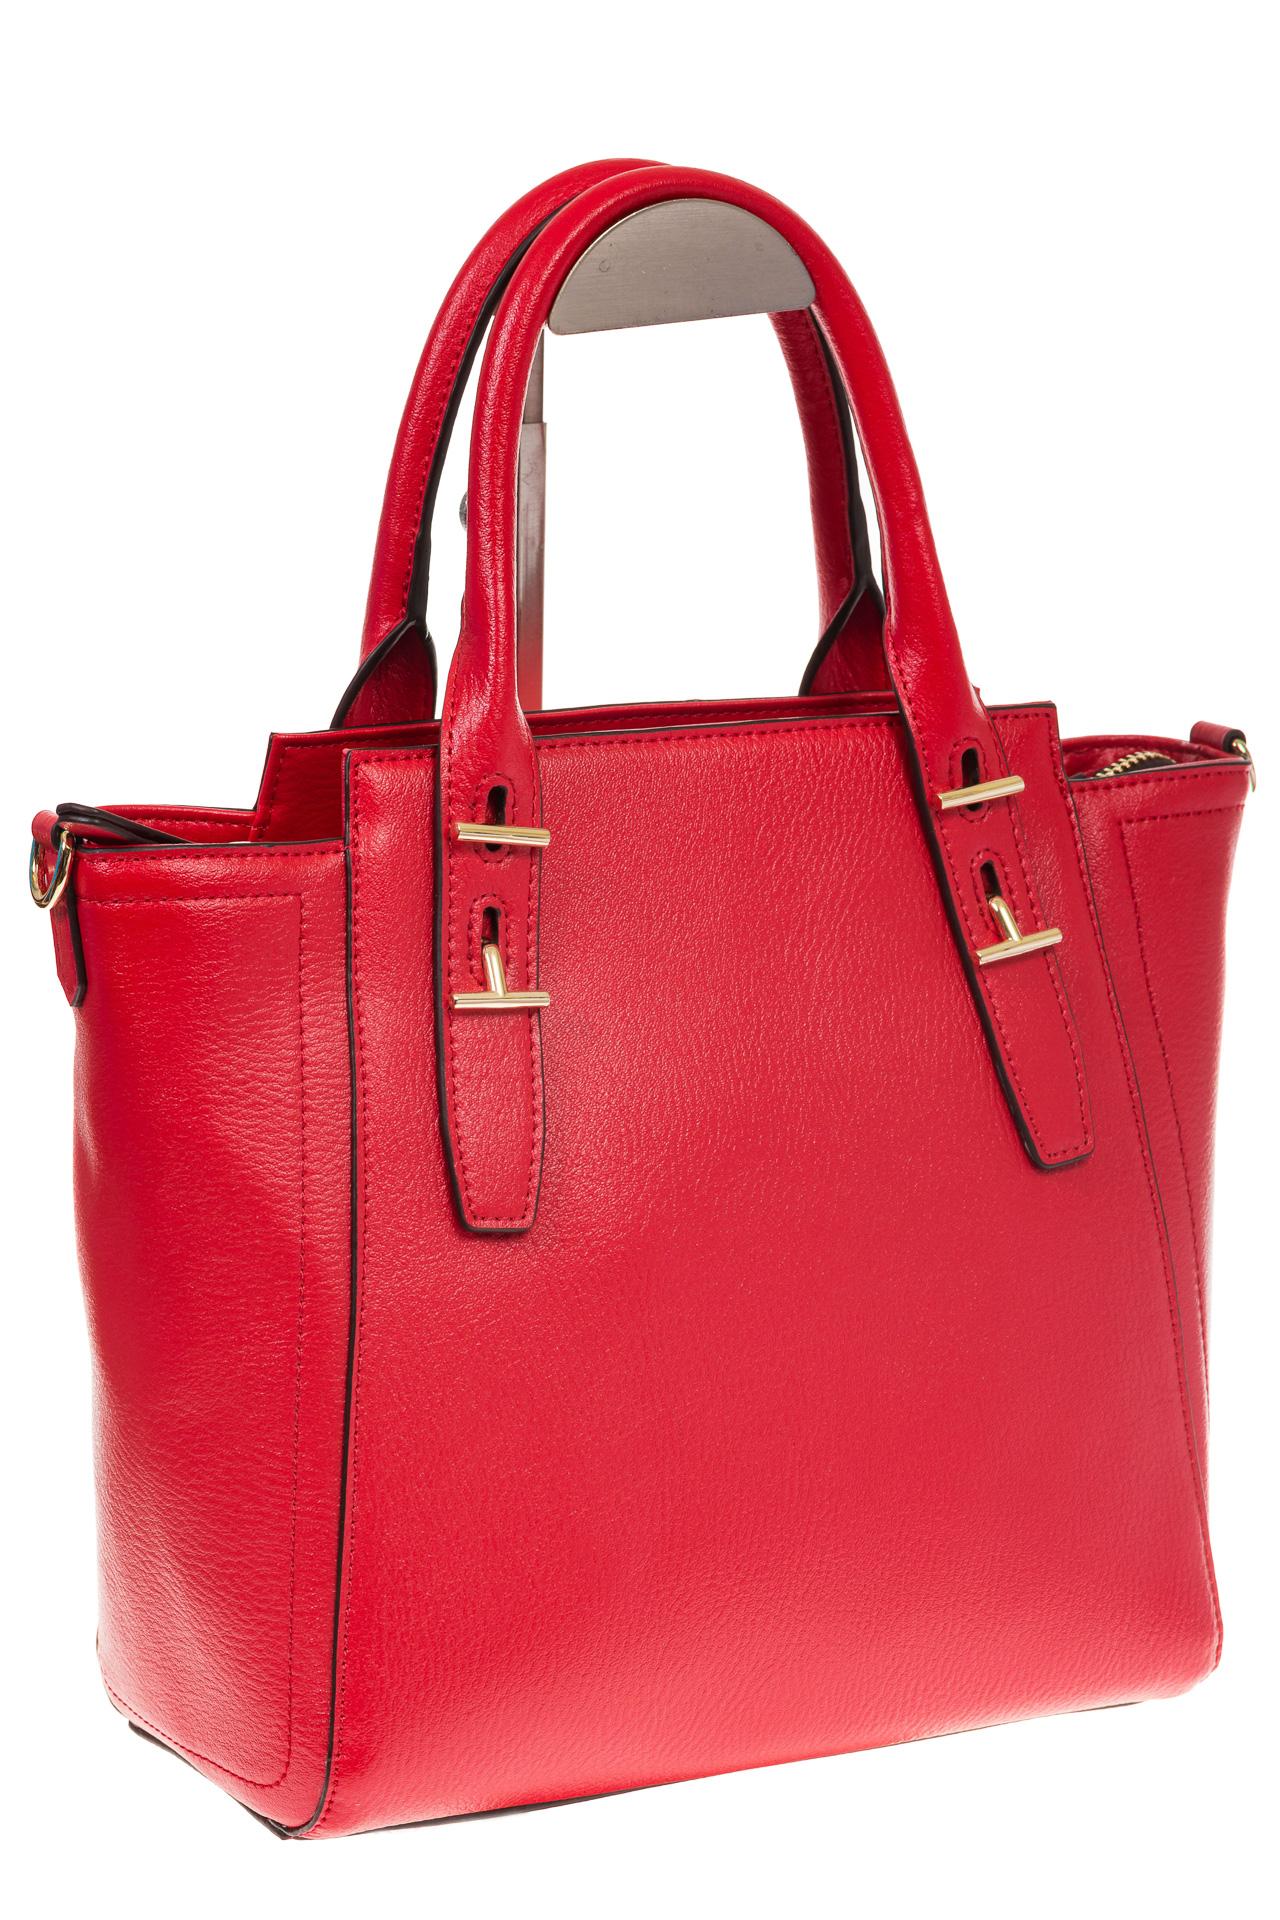 Красная сумка-трапеция из натуральной кожи 317 для оптовых покупателей